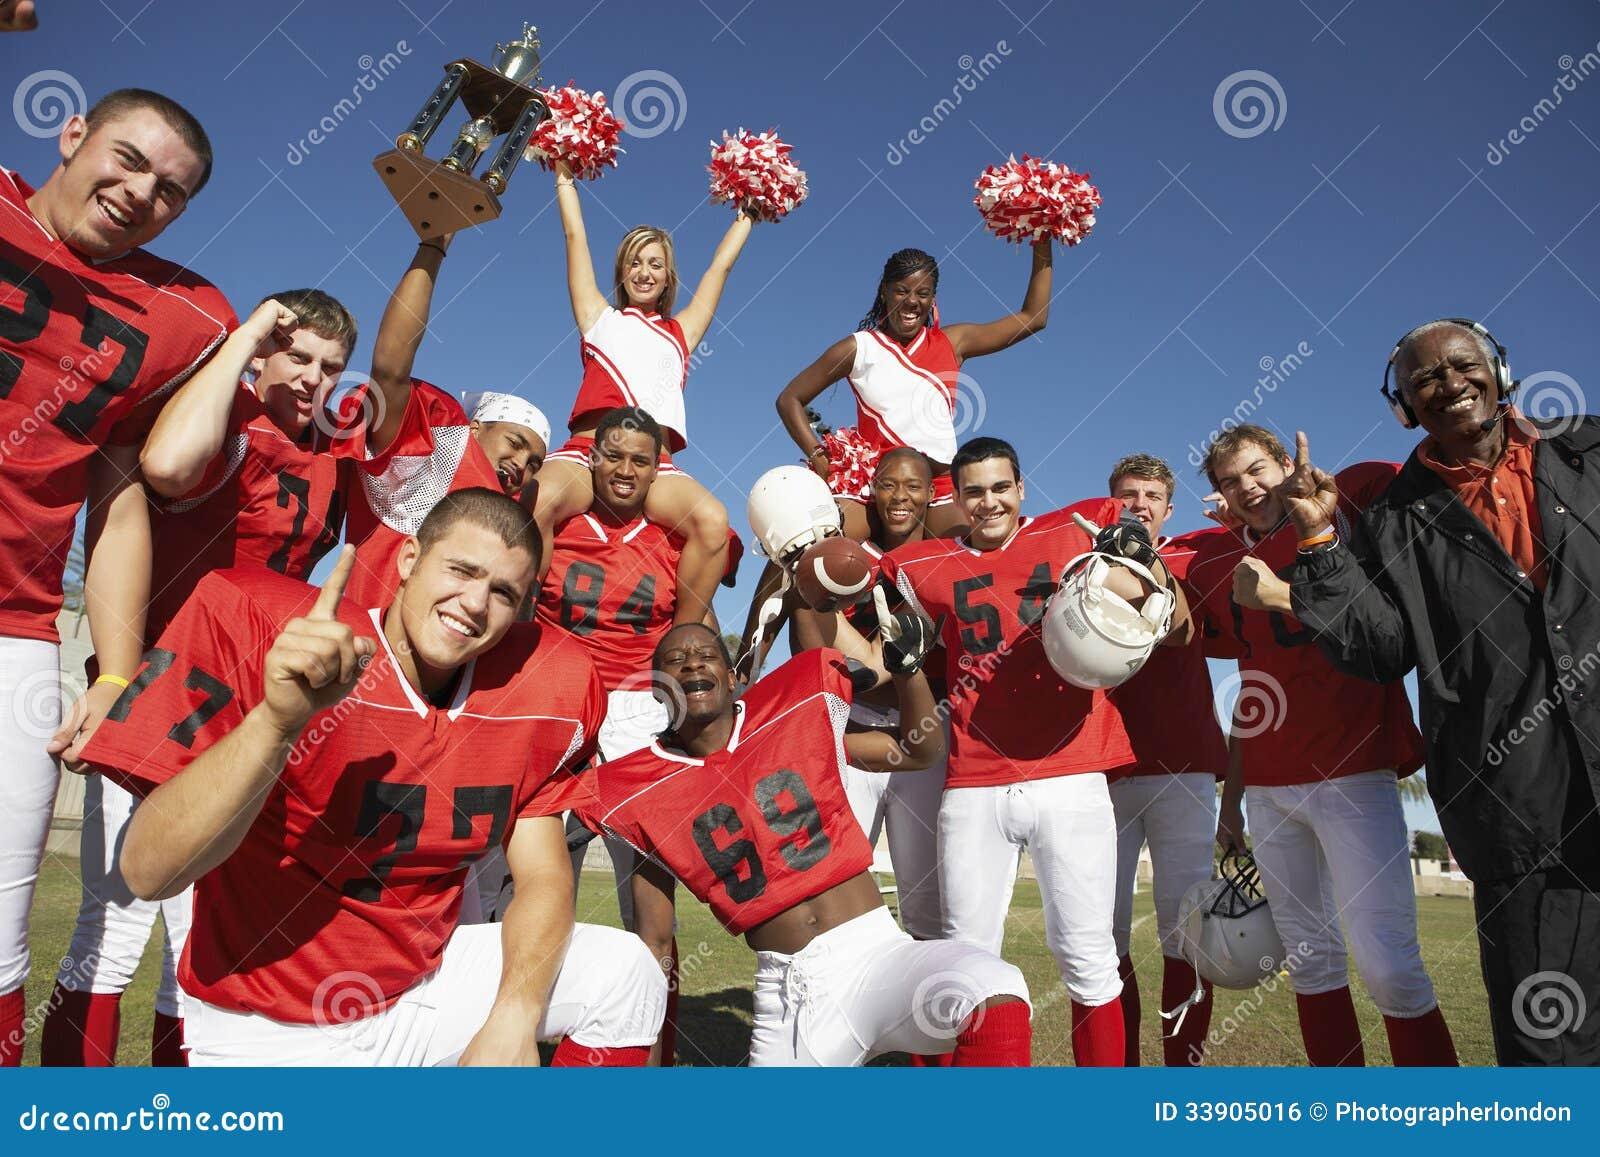 Fotboll Team With Cheerleaders And Coach som firar framgång på fält